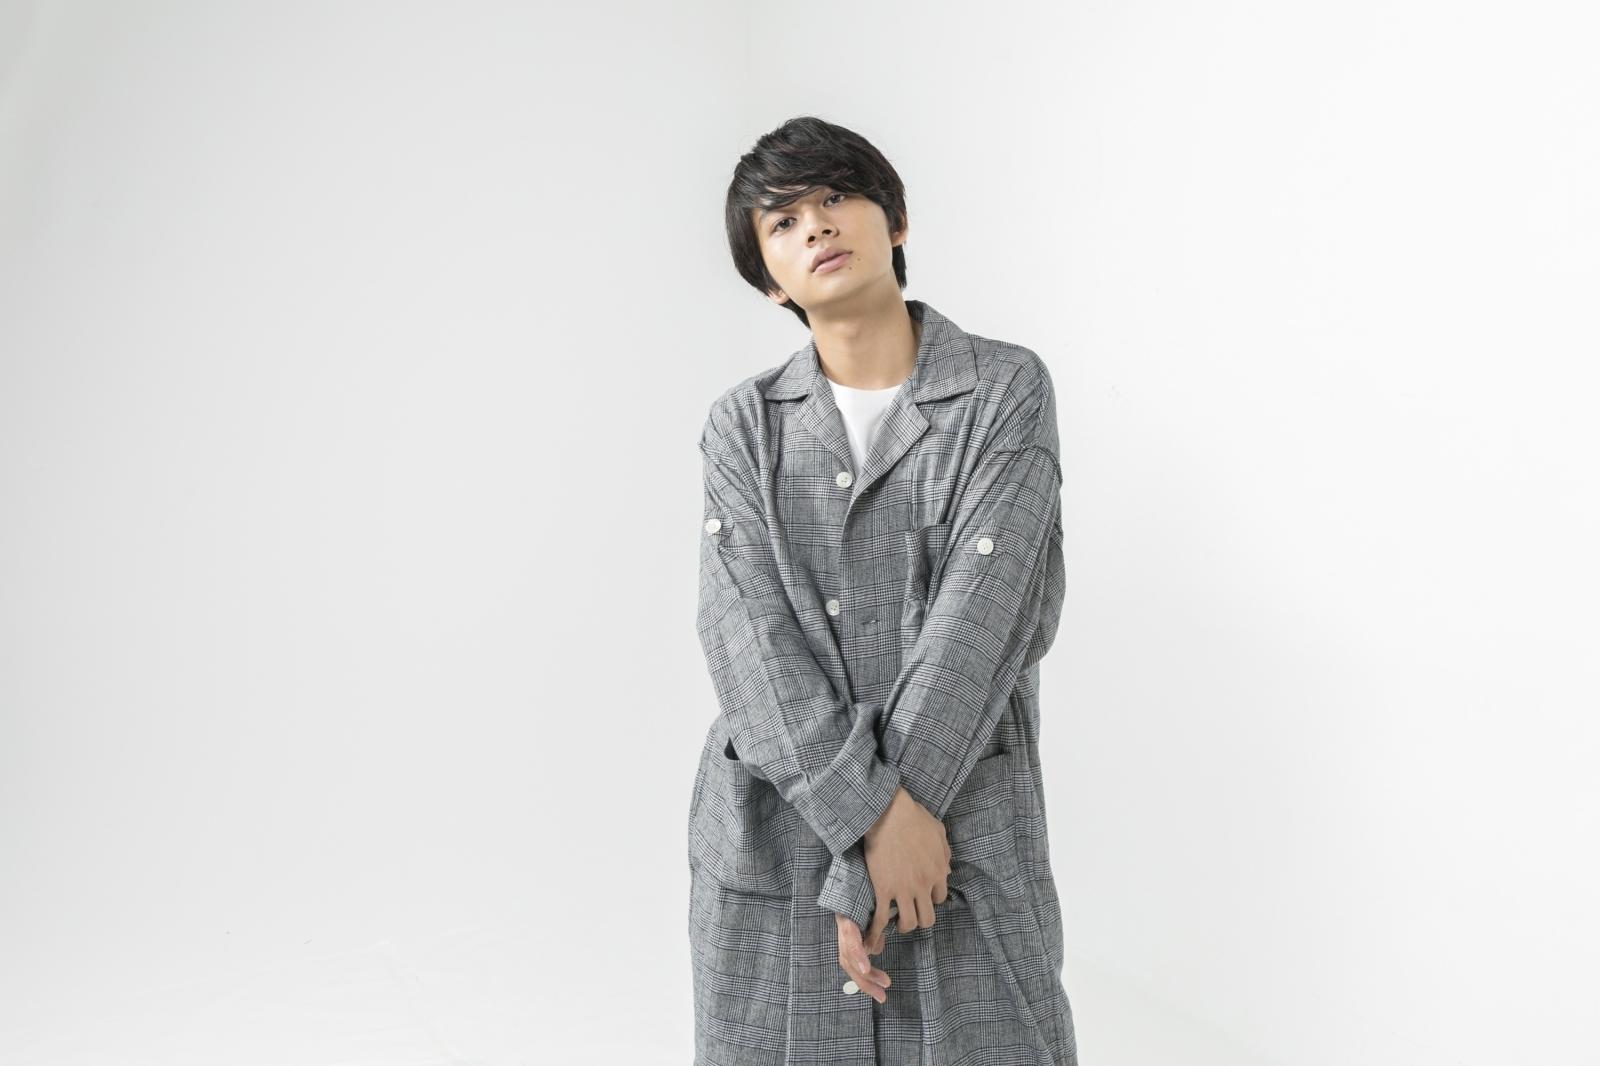 北村匠海 撮影=鈴木久美子